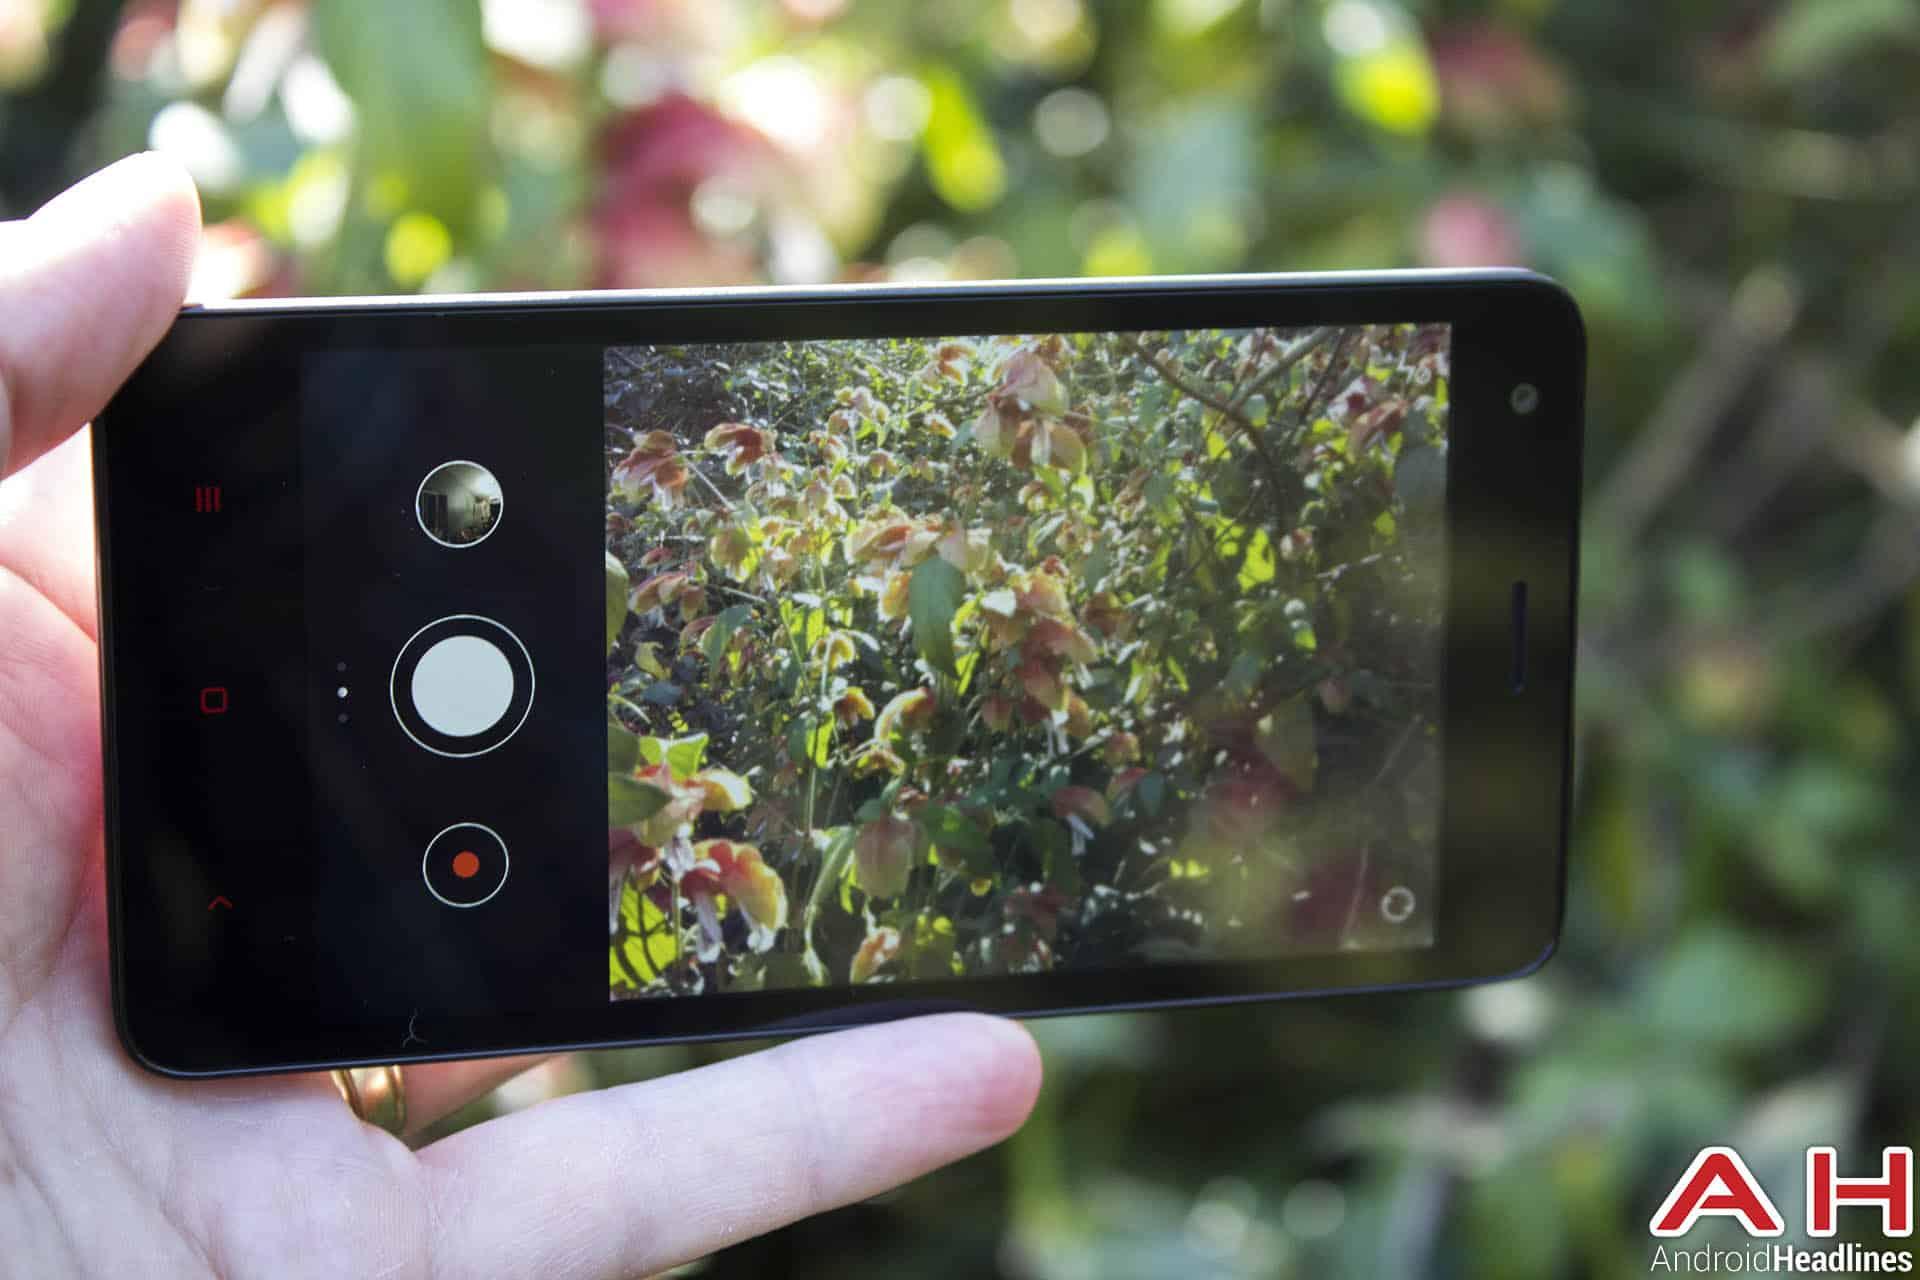 Xiaomi-Redmi-camera